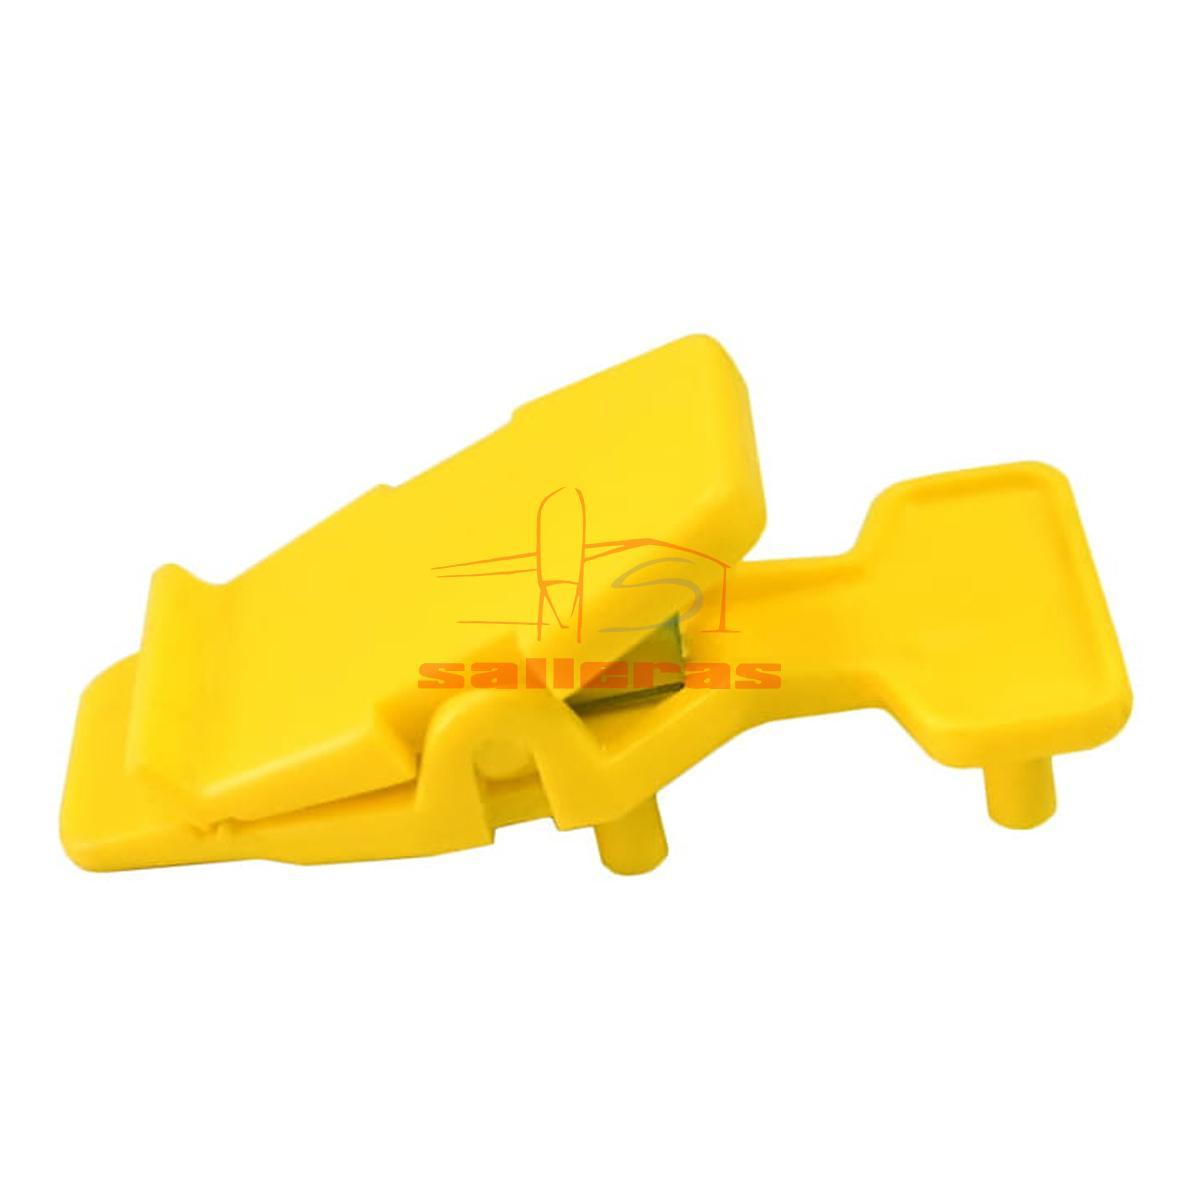 Dos pinzas amarillas para dosificador clutch